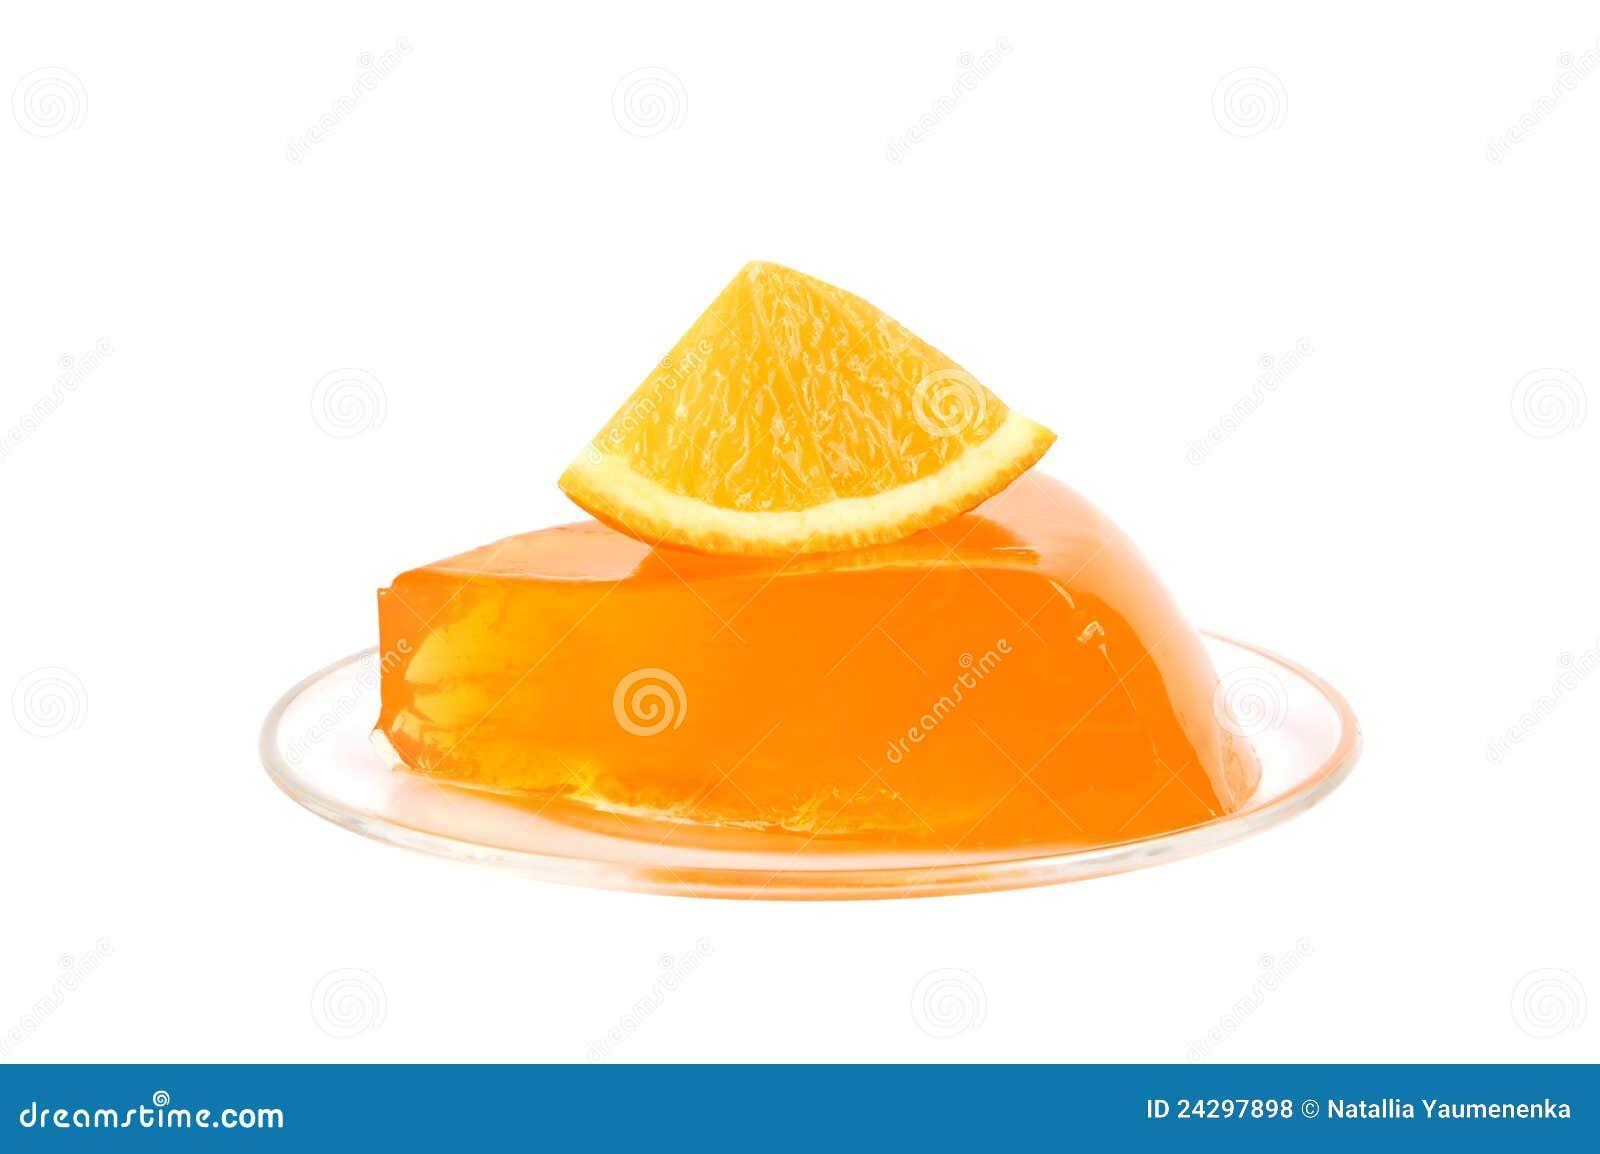 orange gelee stockfoto bild von gelee orange  24297898